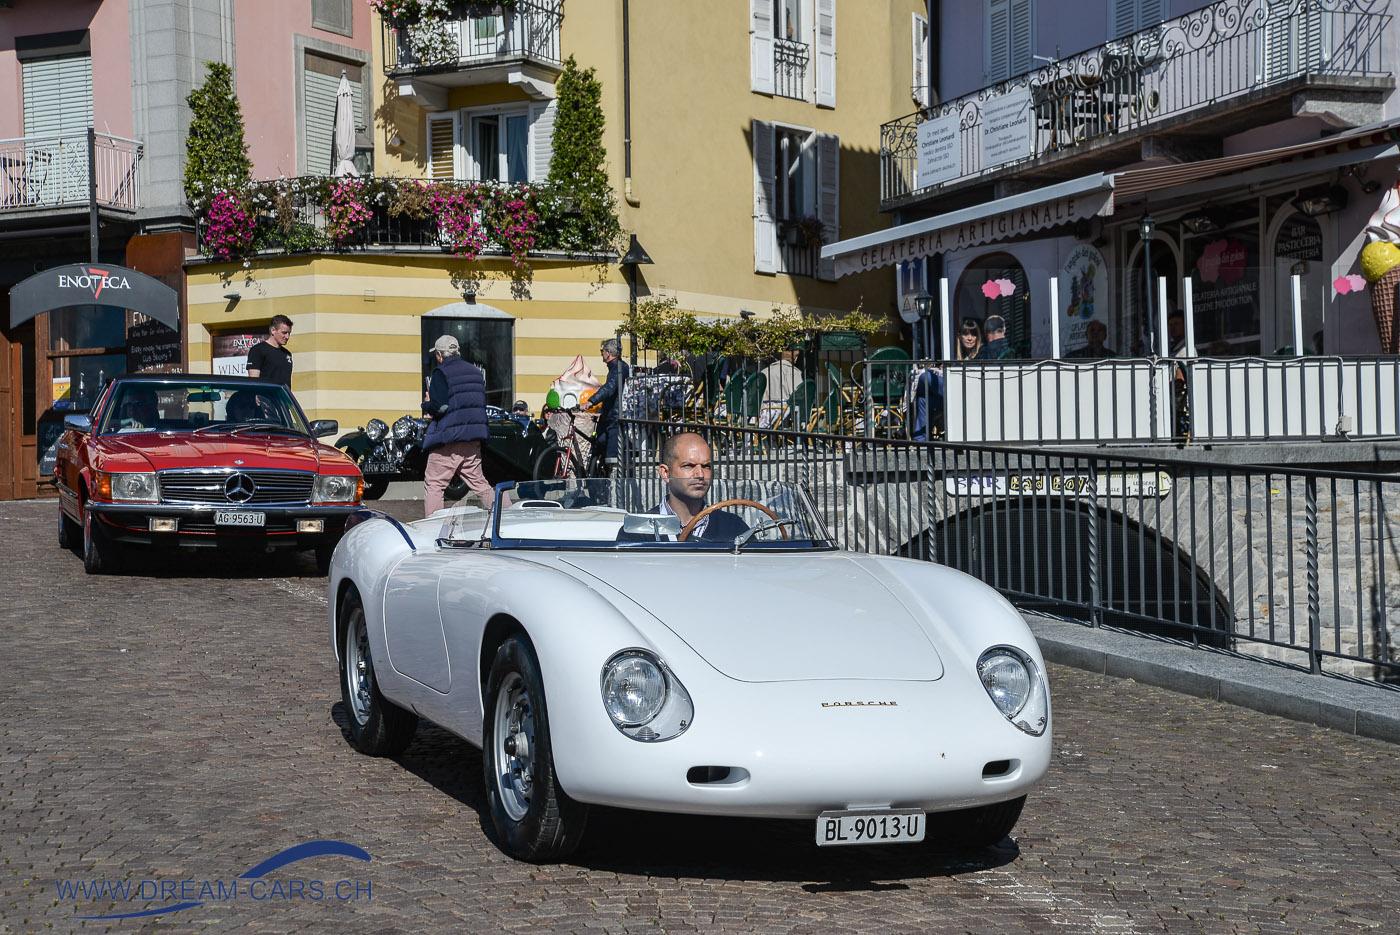 ACCA - Ascona Classic Car Award 2017. Ein offener Porsche 356 mit einer Karosserie von Zagato